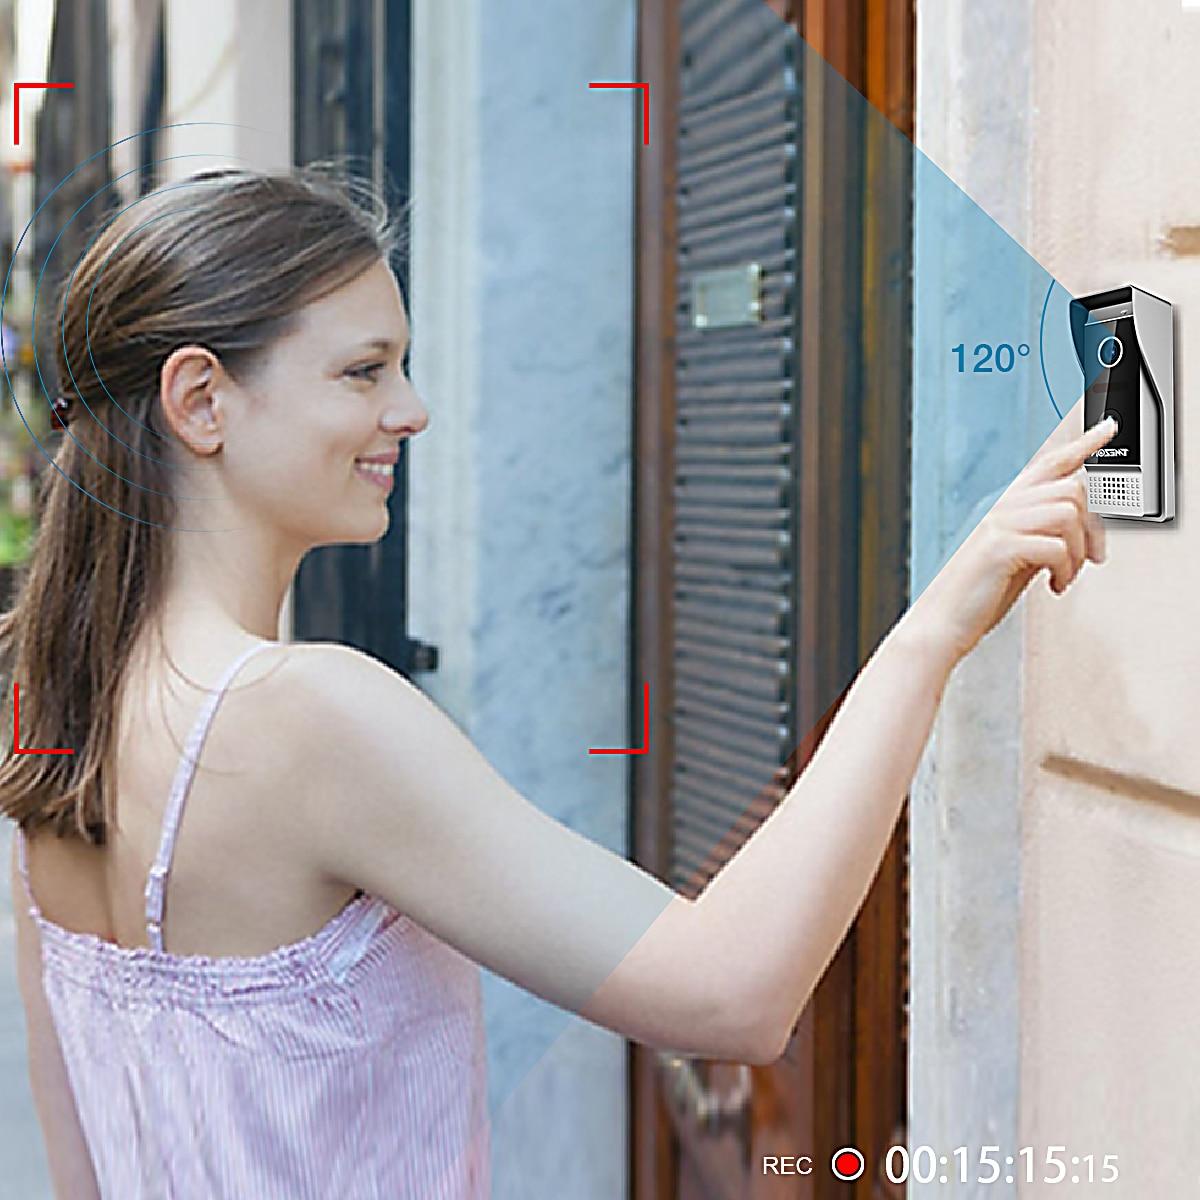 TMEZON 7 Inch 1080P TFT Wired Video Intercom System with1080p Waterproof Door Phone Camera,Support Recording / Snapshot Doorbell enlarge